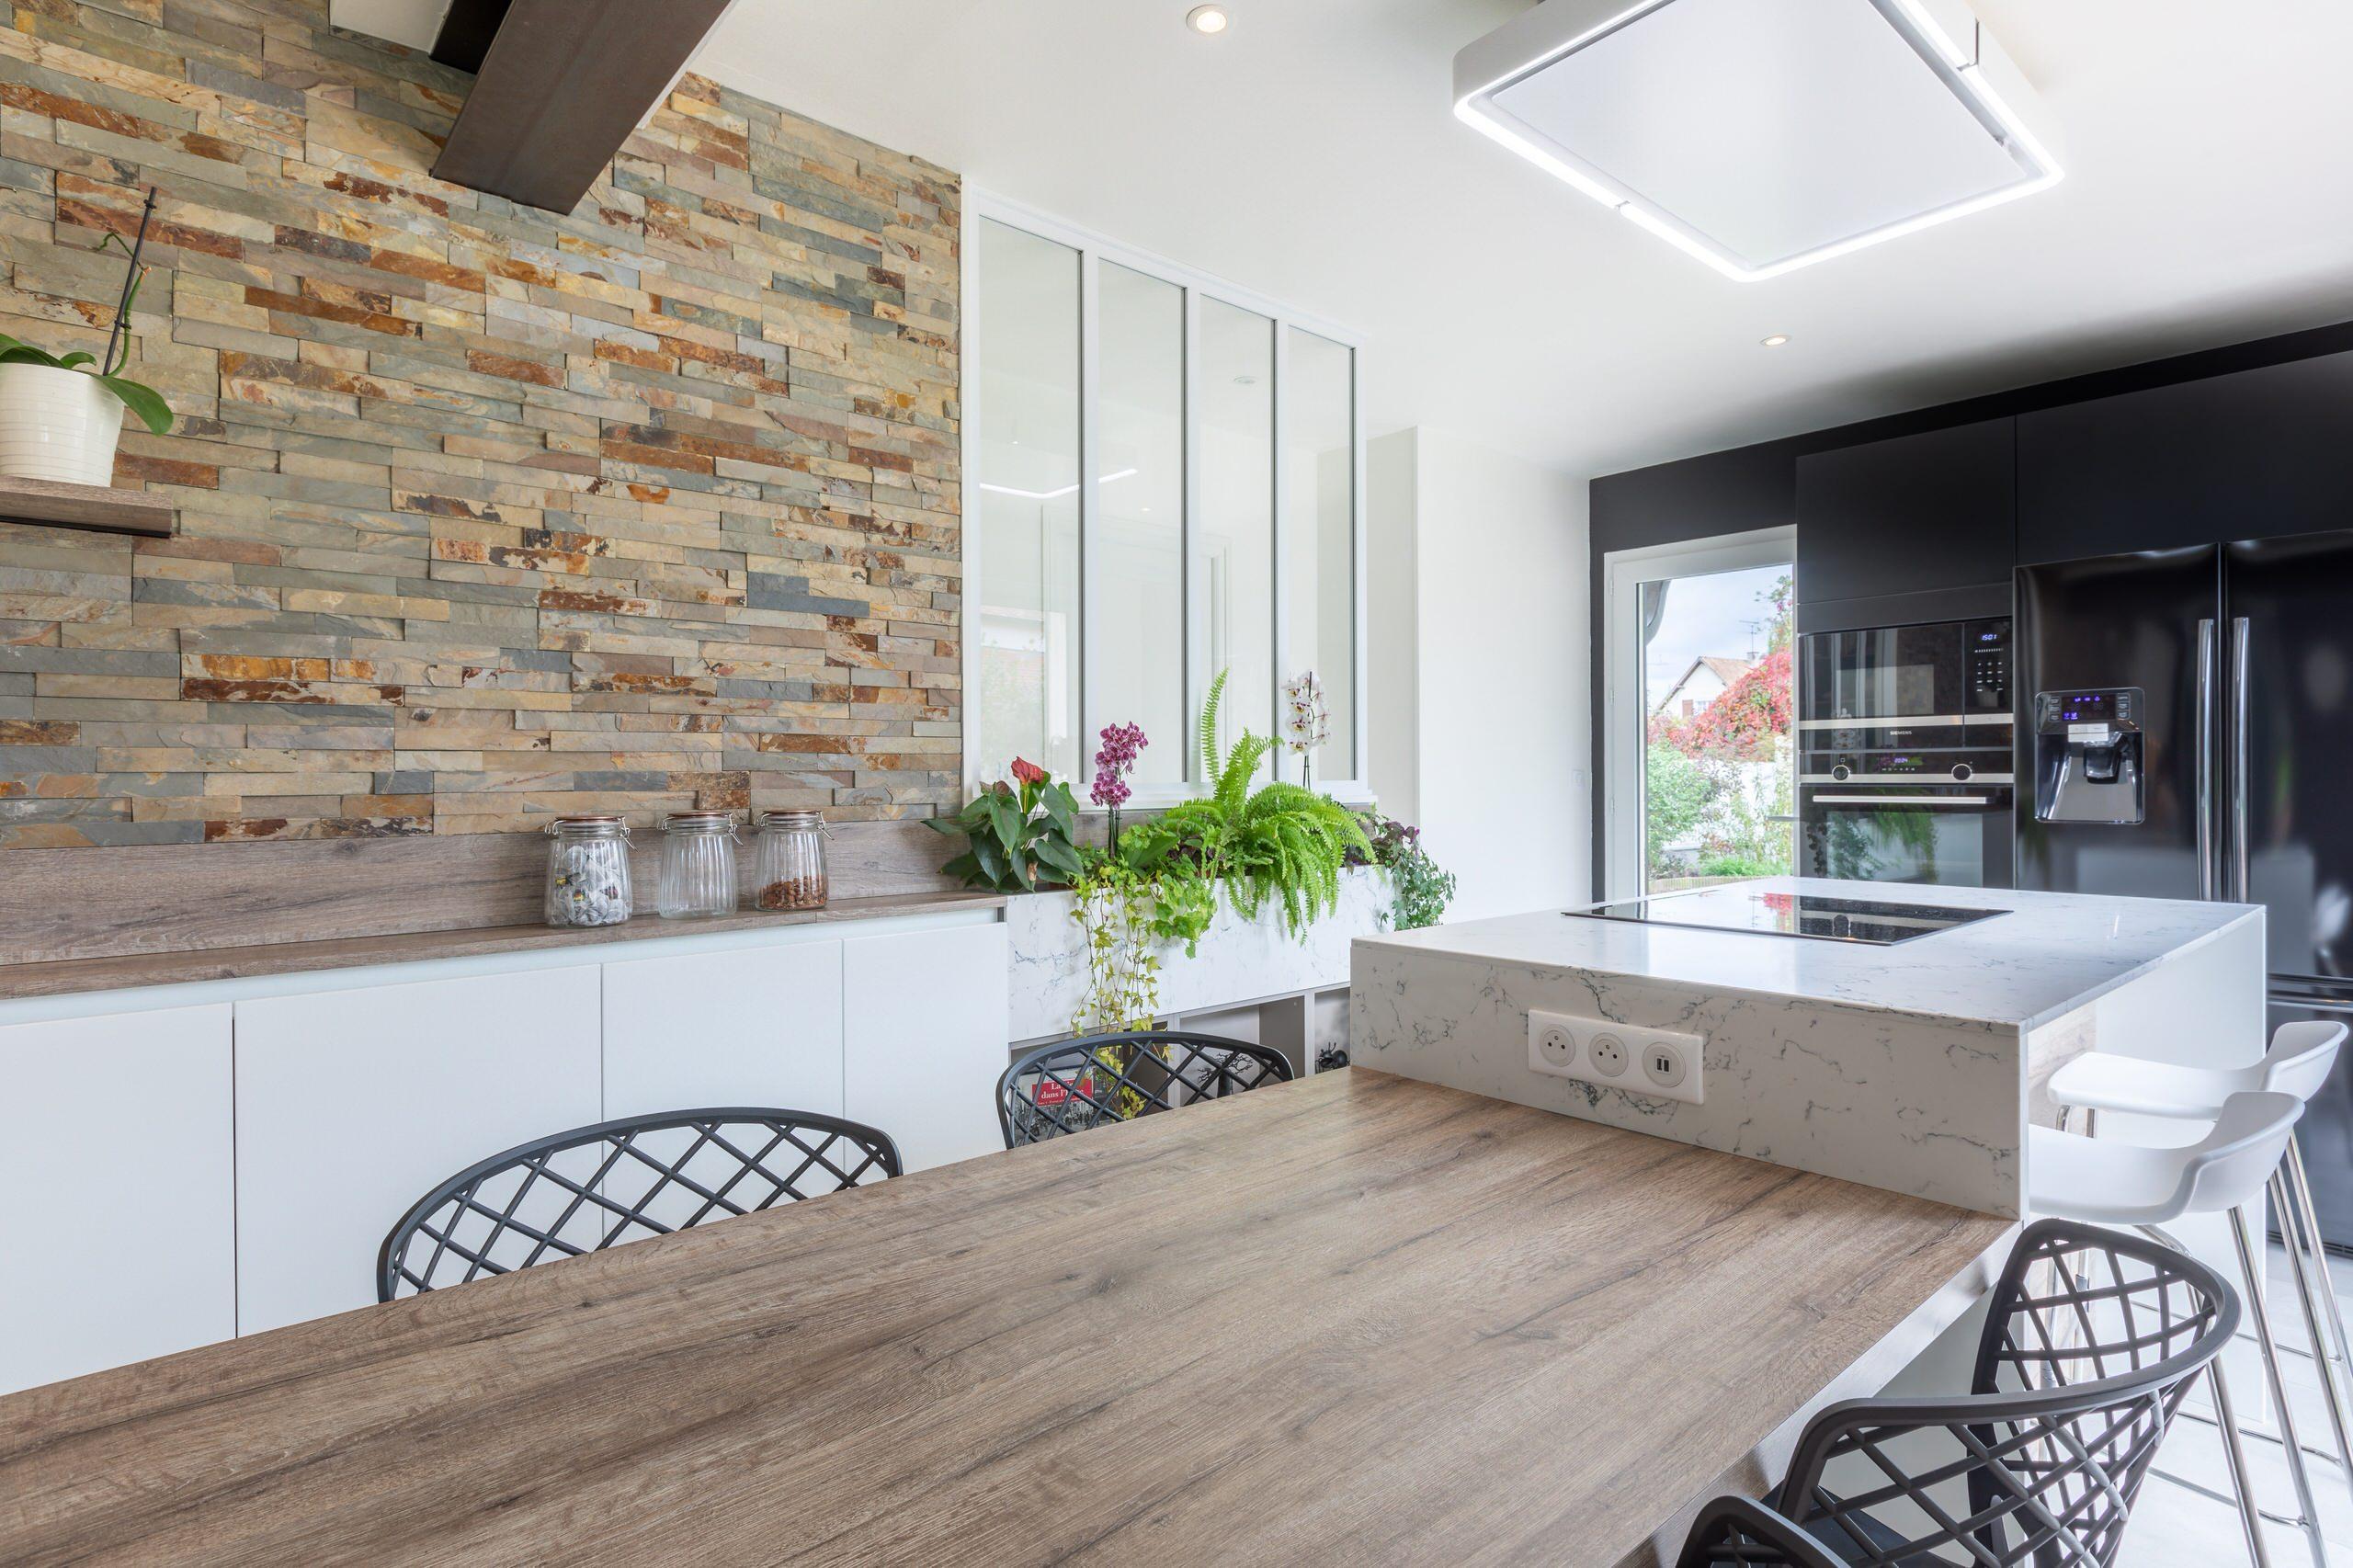 Rénovation complète d'une cuisine, abattement d'un mur porteur